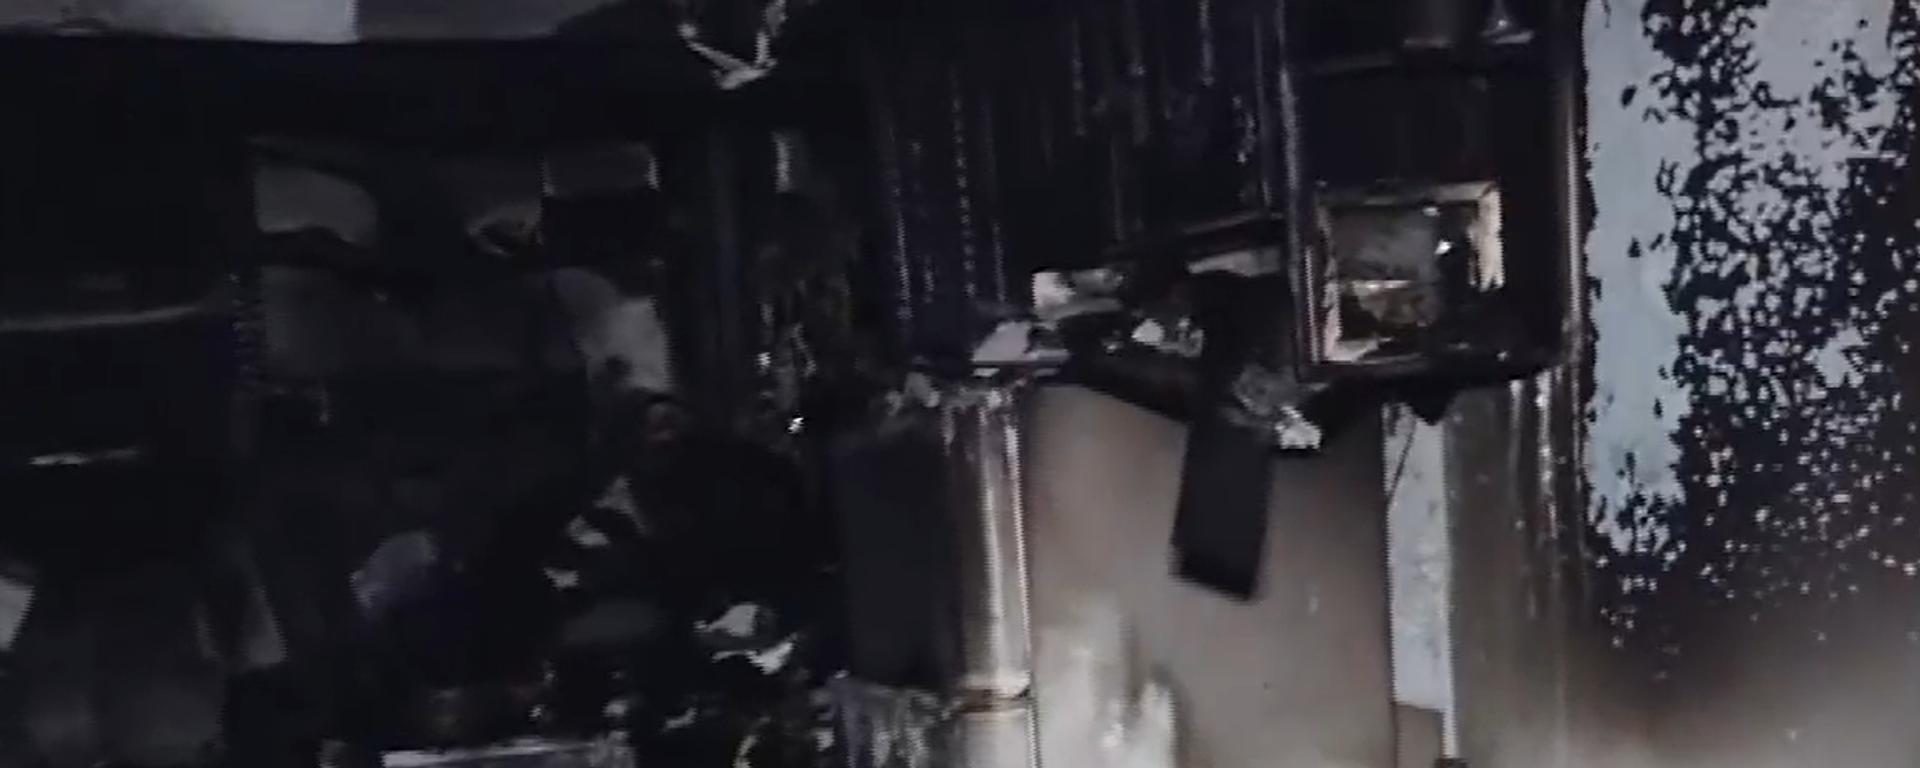 Τραγωδία στην Άγιο Δημήτριο: Νεκρή γυναίκα μετά από φωτιά στο σπίτι της - Sputnik Ελλάδα, 1920, 16.09.2021